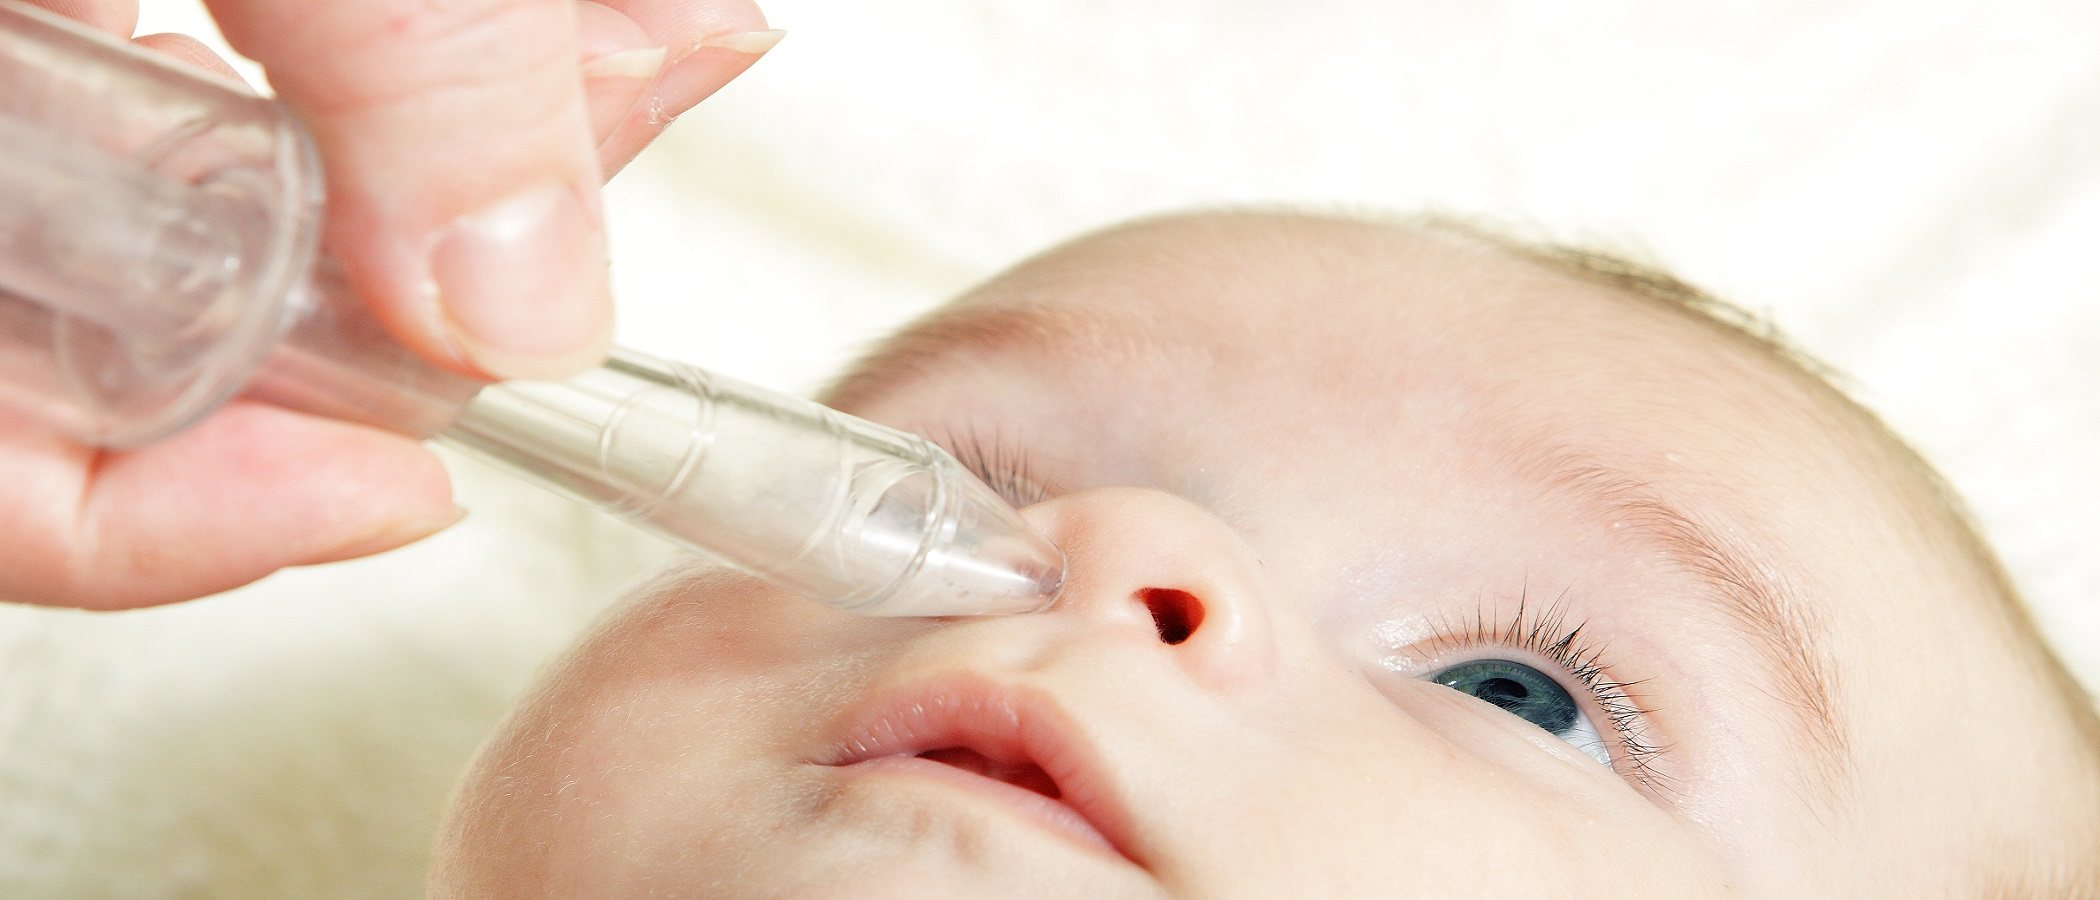 Síntomas de gripe en un bebé de 16 meses